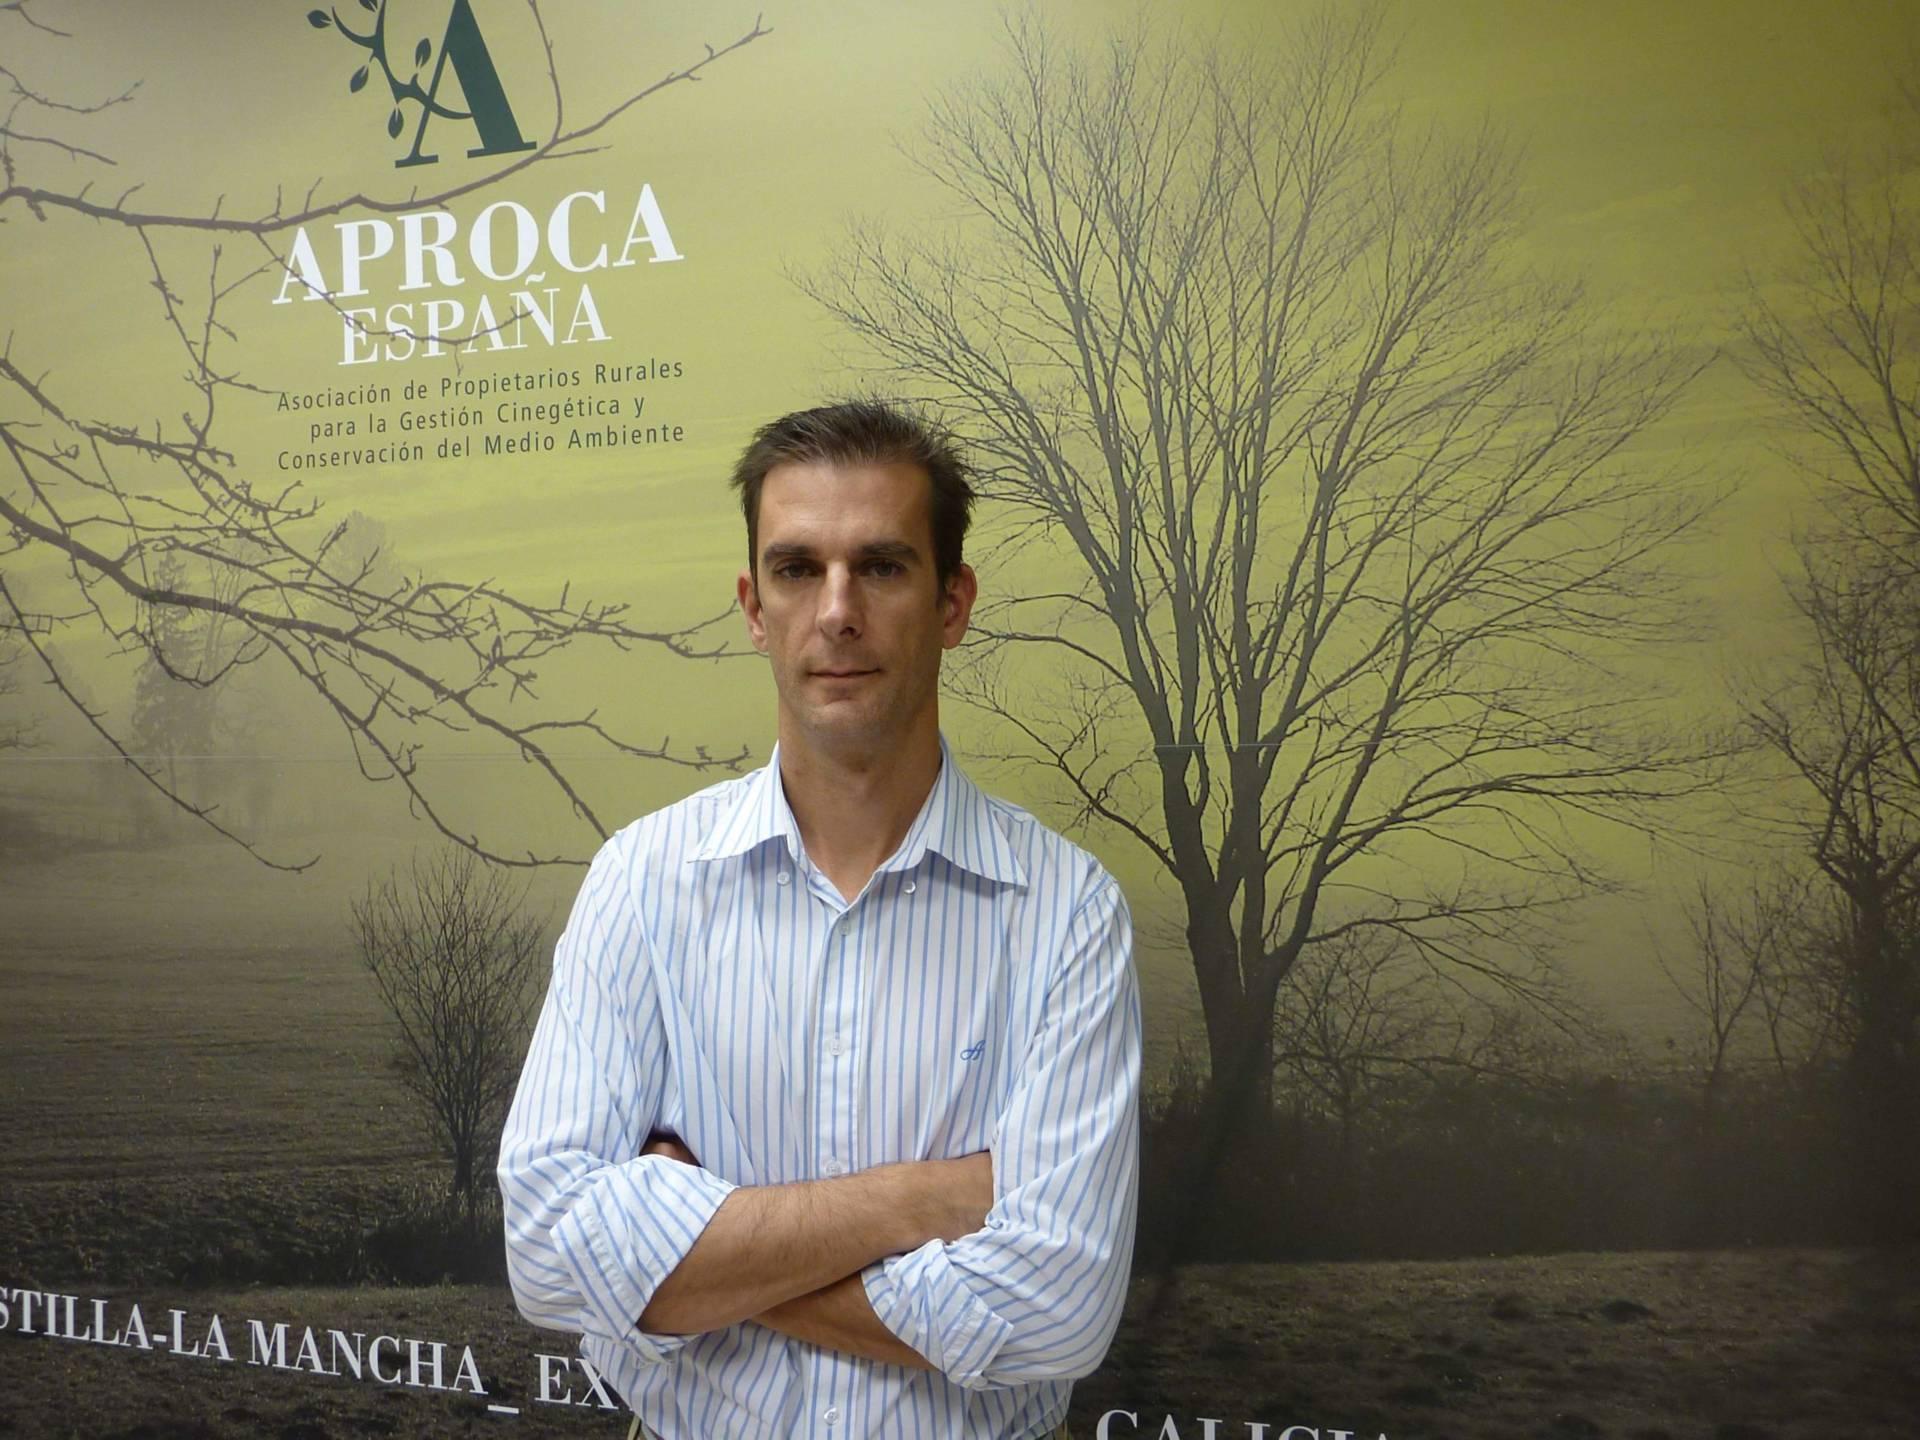 El sector cinegético insta a la Diputación a desbloquear la organización de la feria de caza